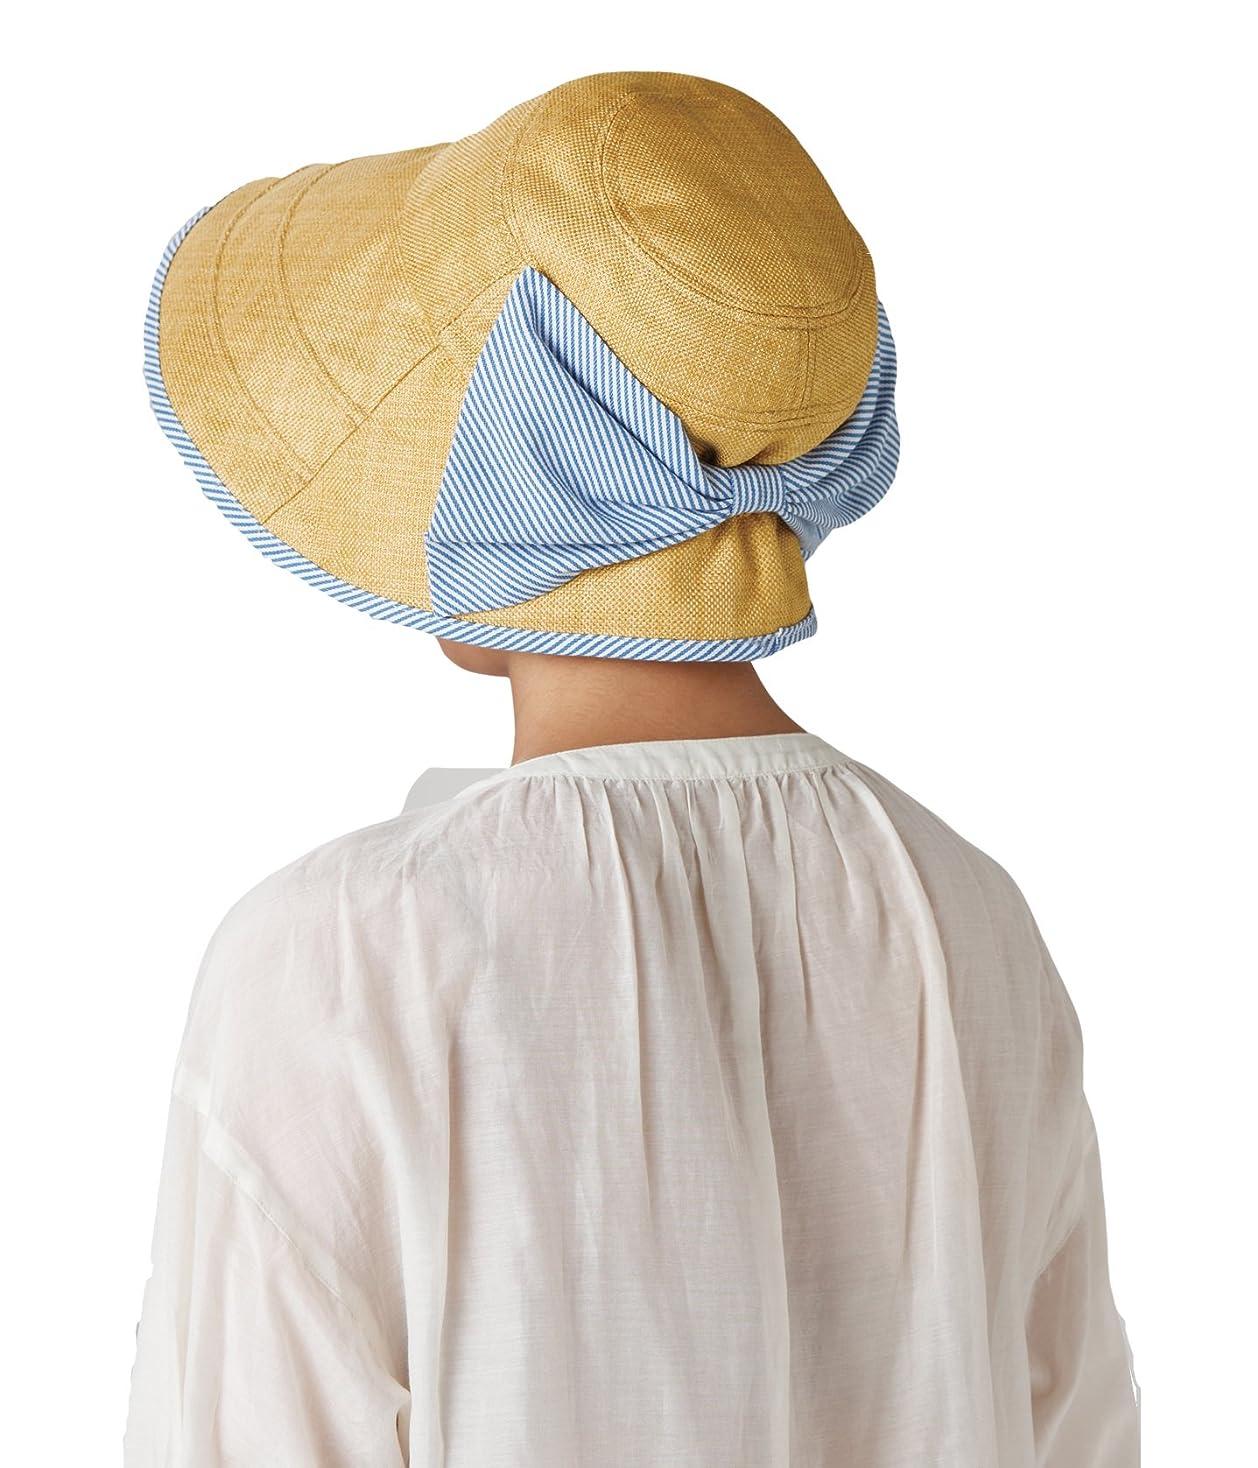 債務者明示的にたとえセルヴァン 大きなリボンのつば広日よけ帽子 ベージュ